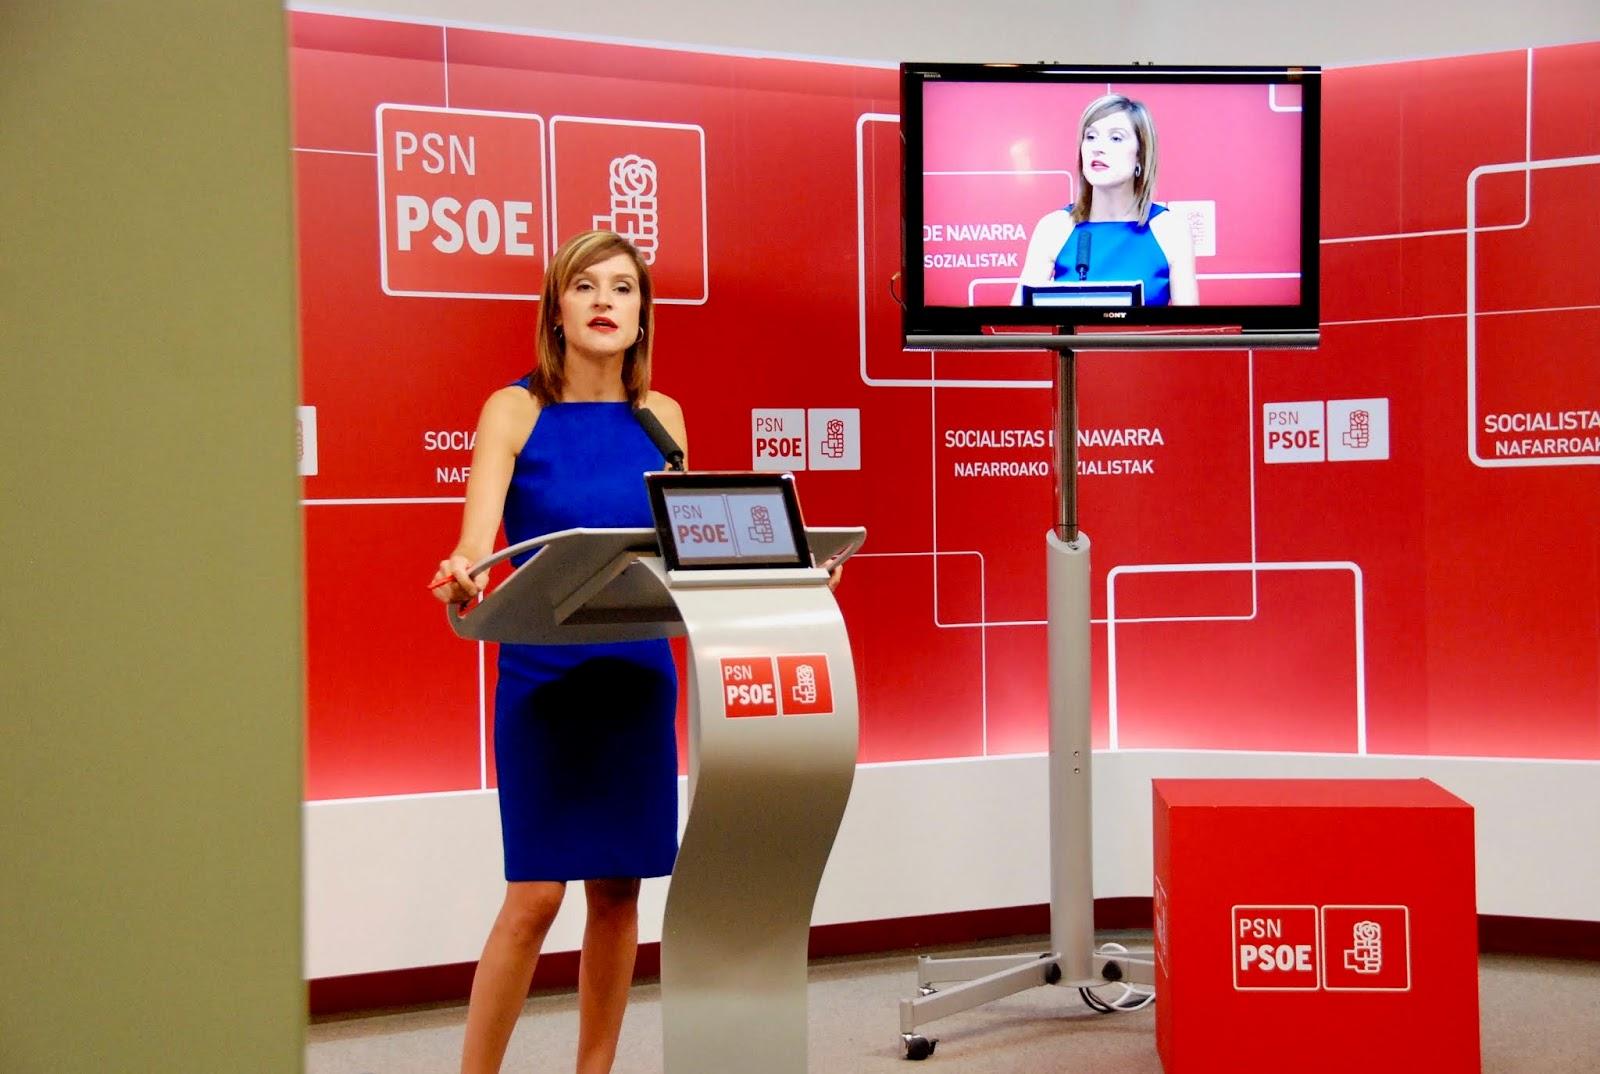 El PSN-PSOE propone aumentar los permisos de paternidad en la Administración Foral